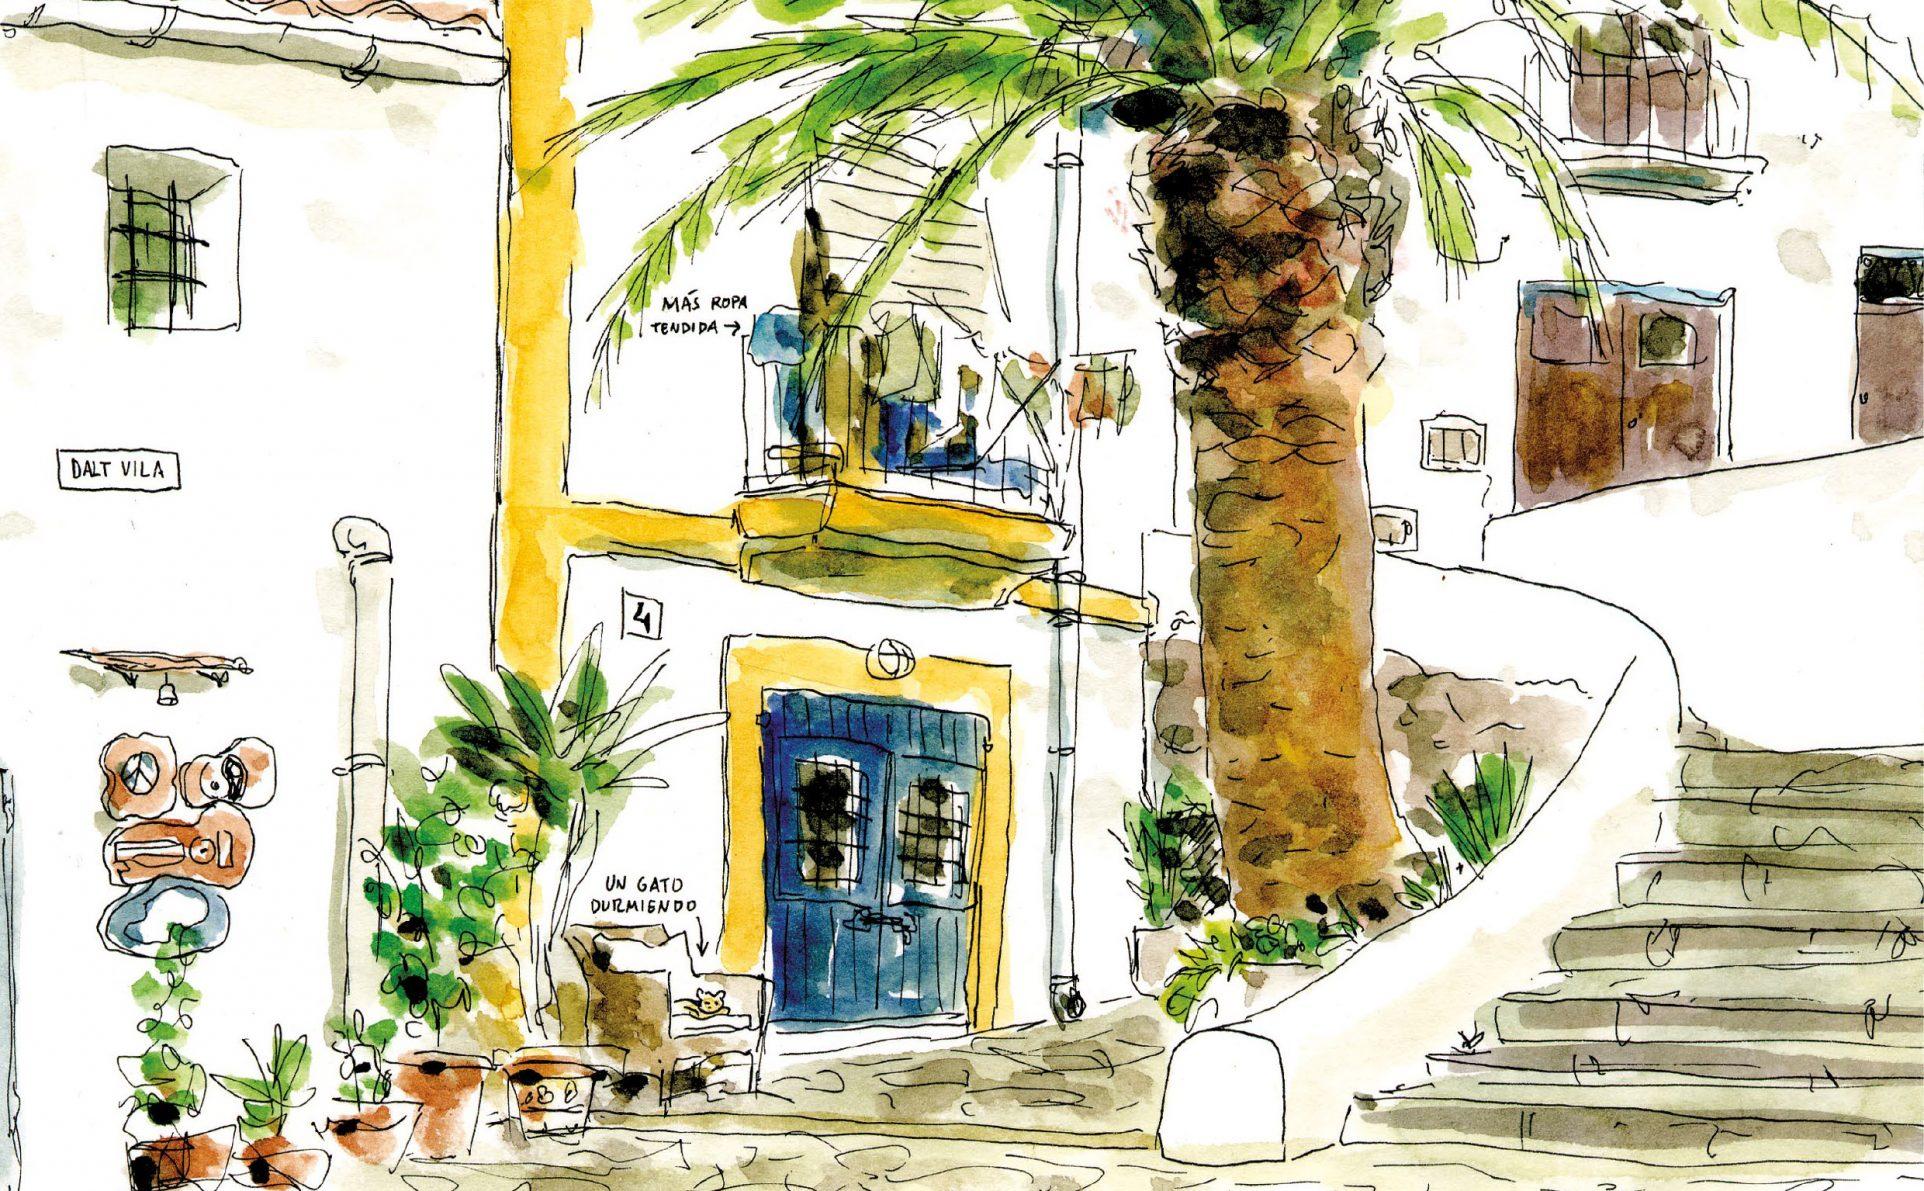 Dibujo en acuarela de un callejón de Dalt Vila en la isla de Ibiza. Baleares, España